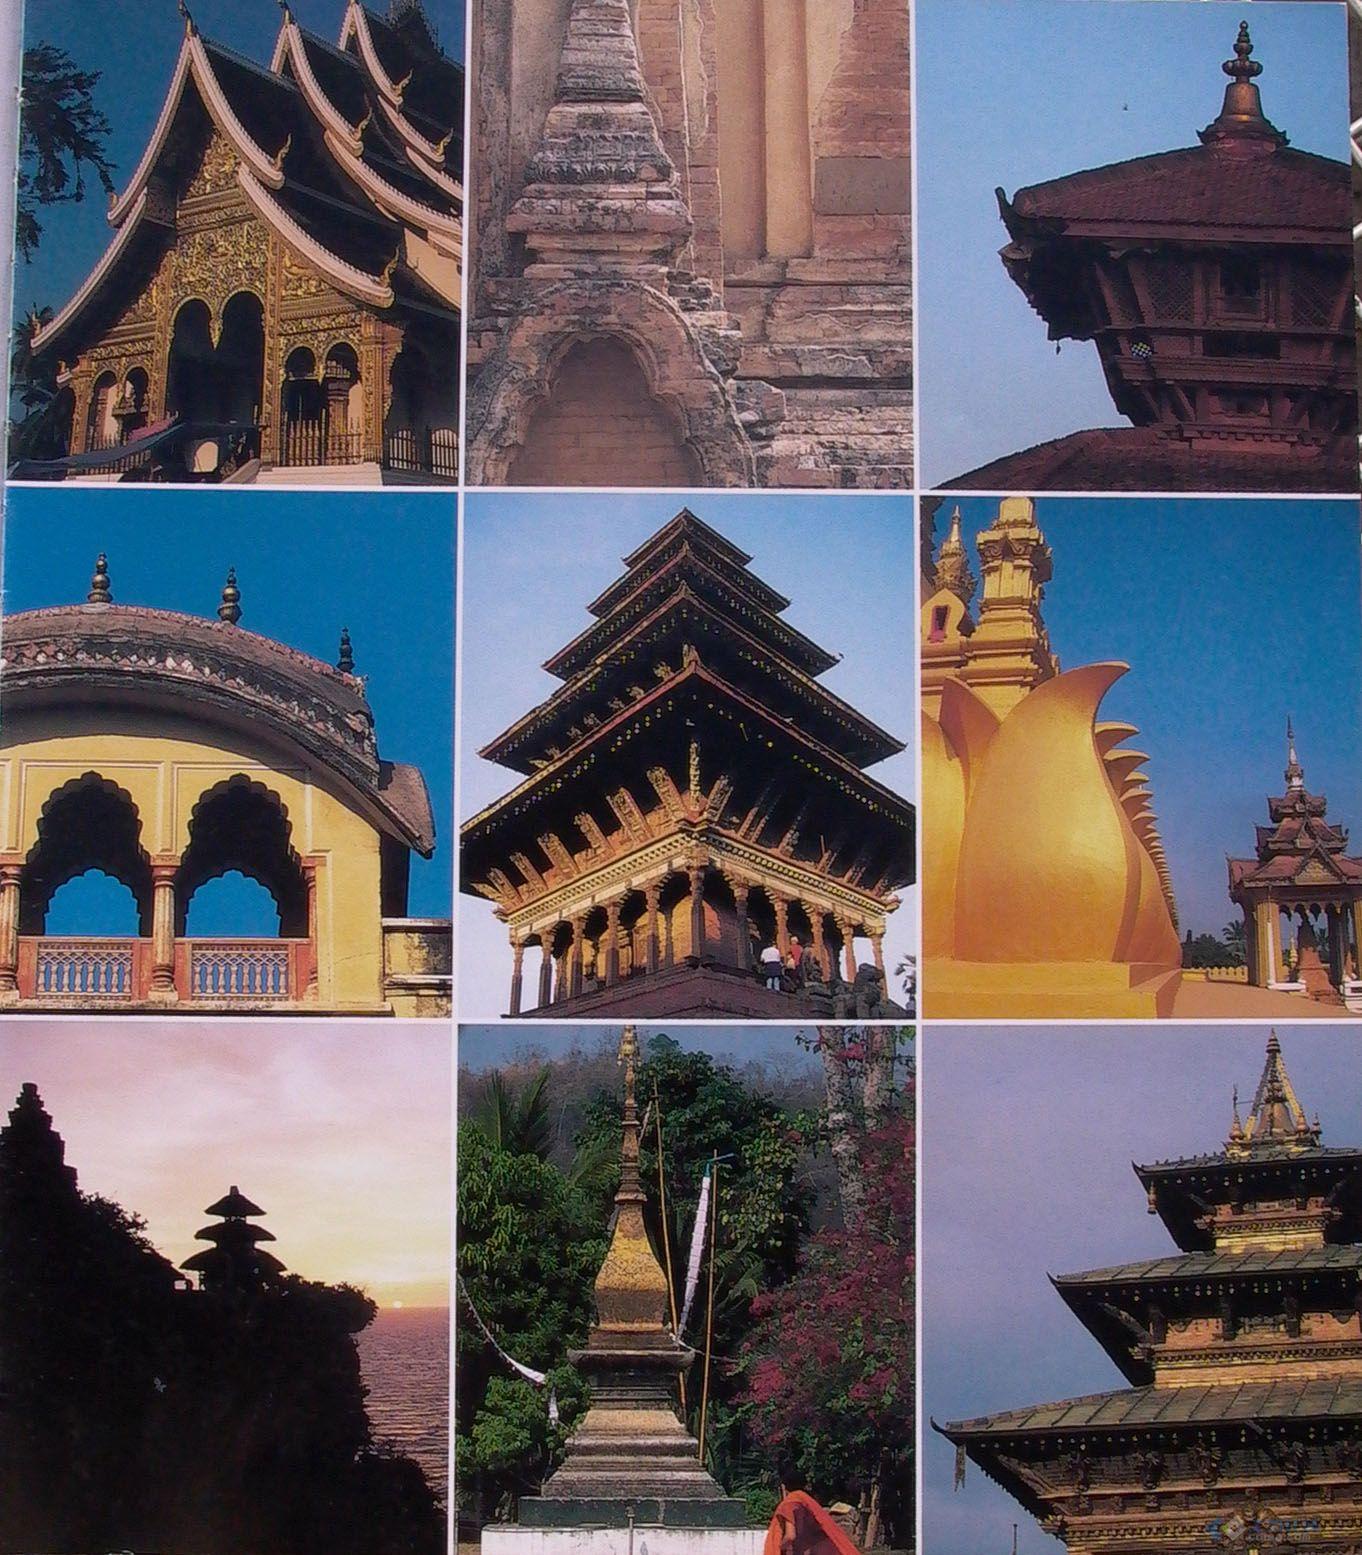 东南亚风格景观图片系列 8